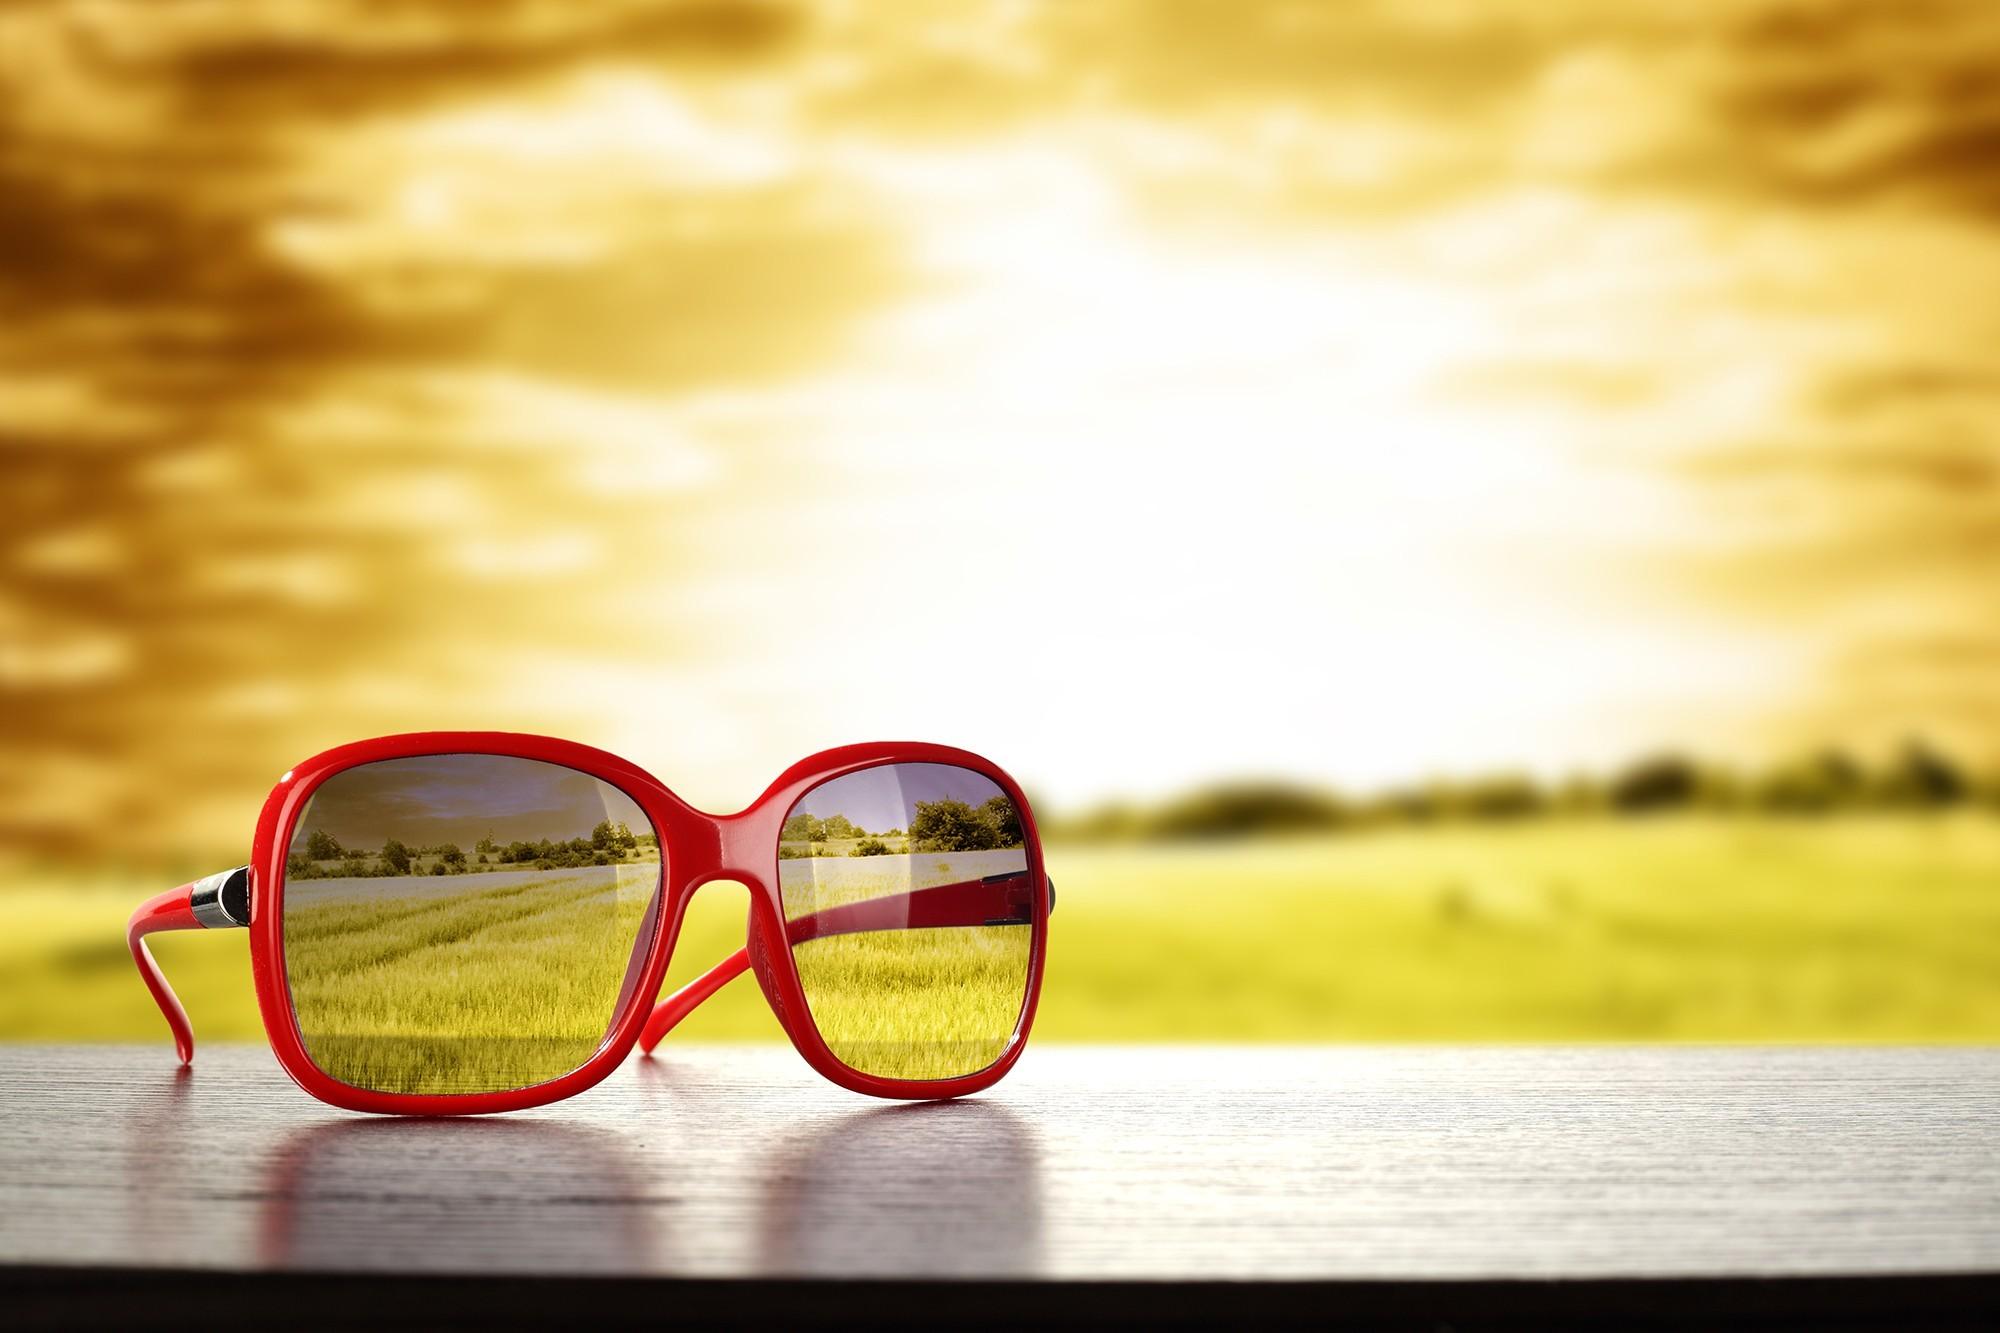 Sonnenbrille mit Sehstärke von unseren fachmännischen Augenoptiker in Freiburg